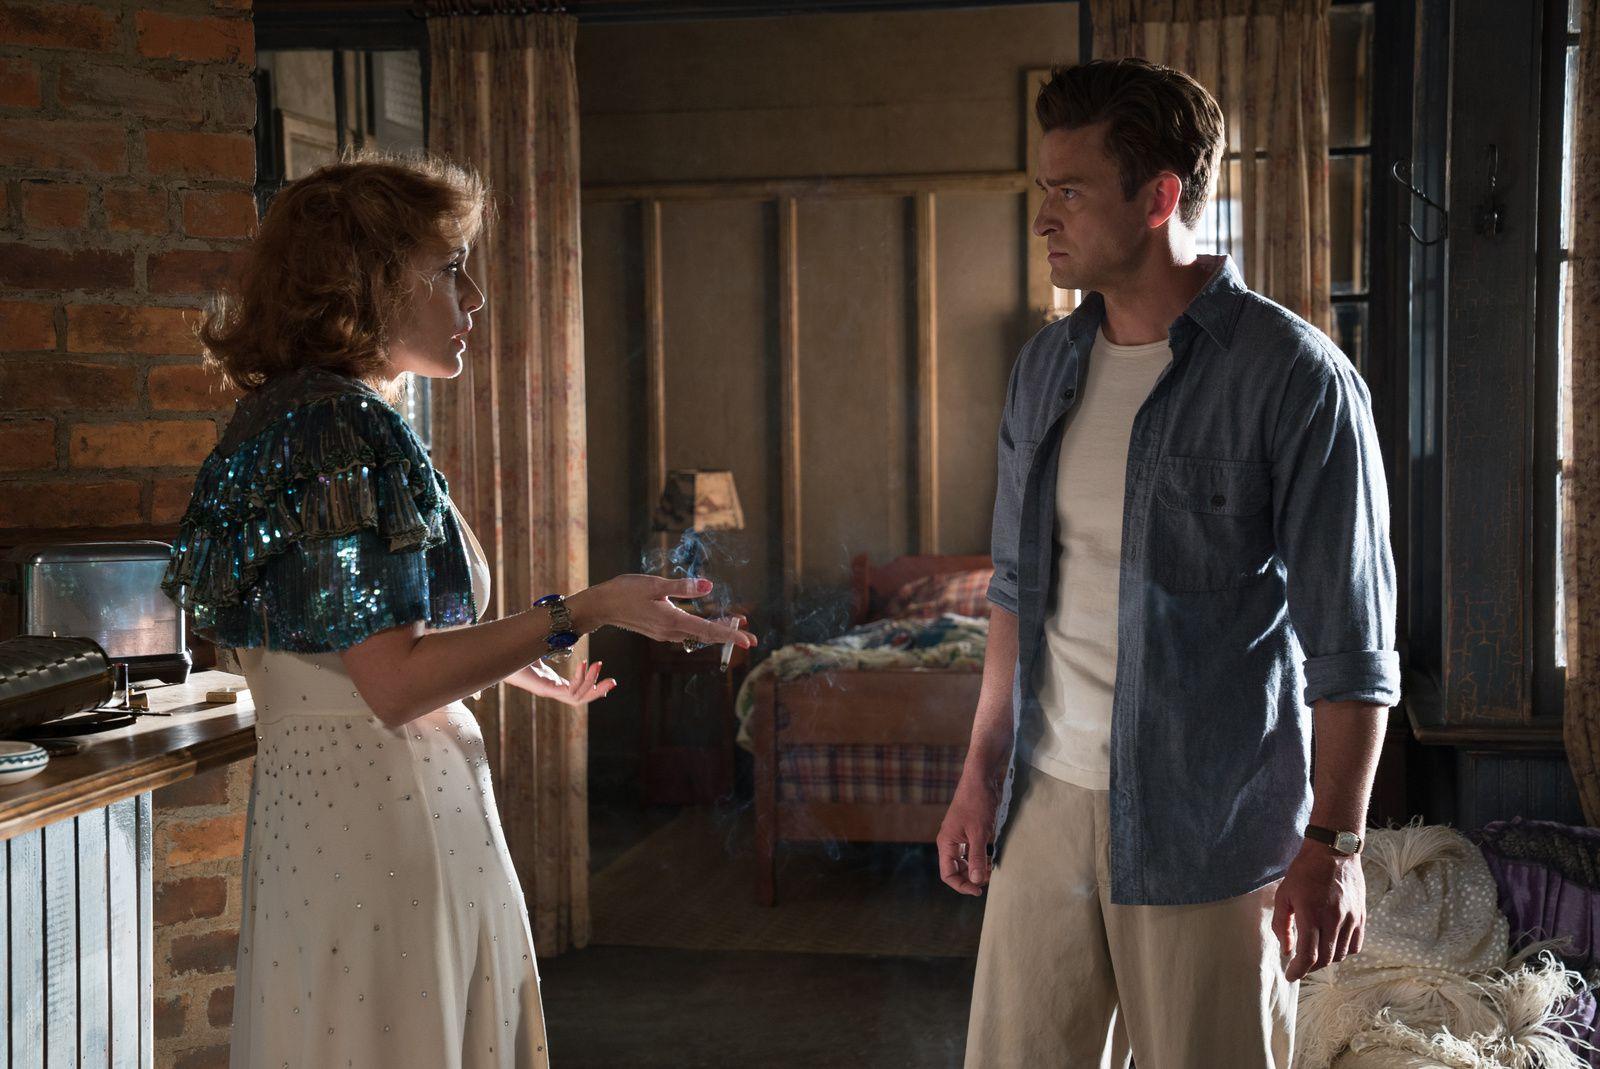 Découvrez la bande-annonce de WONDER WHEEL de Woody Allen avec Justin Timberlake et Kate Winslet